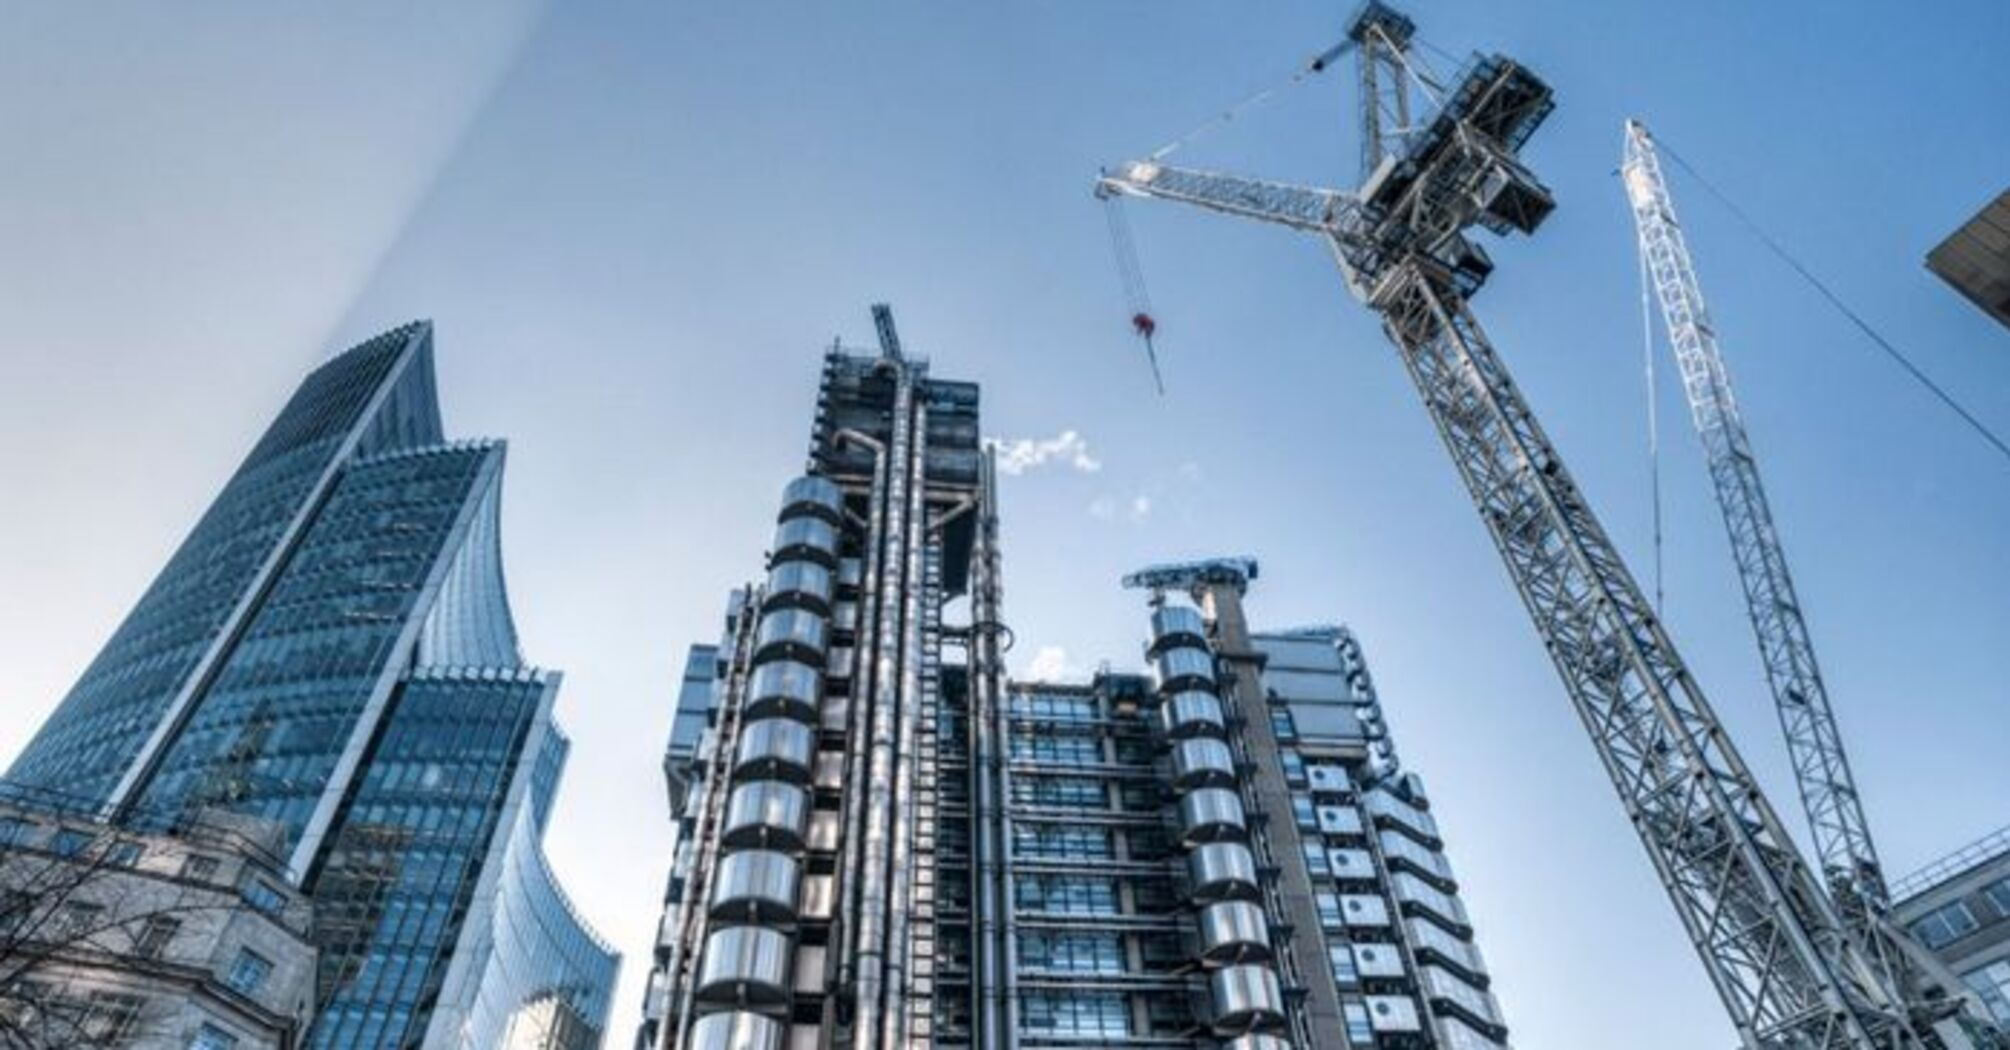 Строительная отрасль будет реформирована до конца 2020 года - Шмыгаль